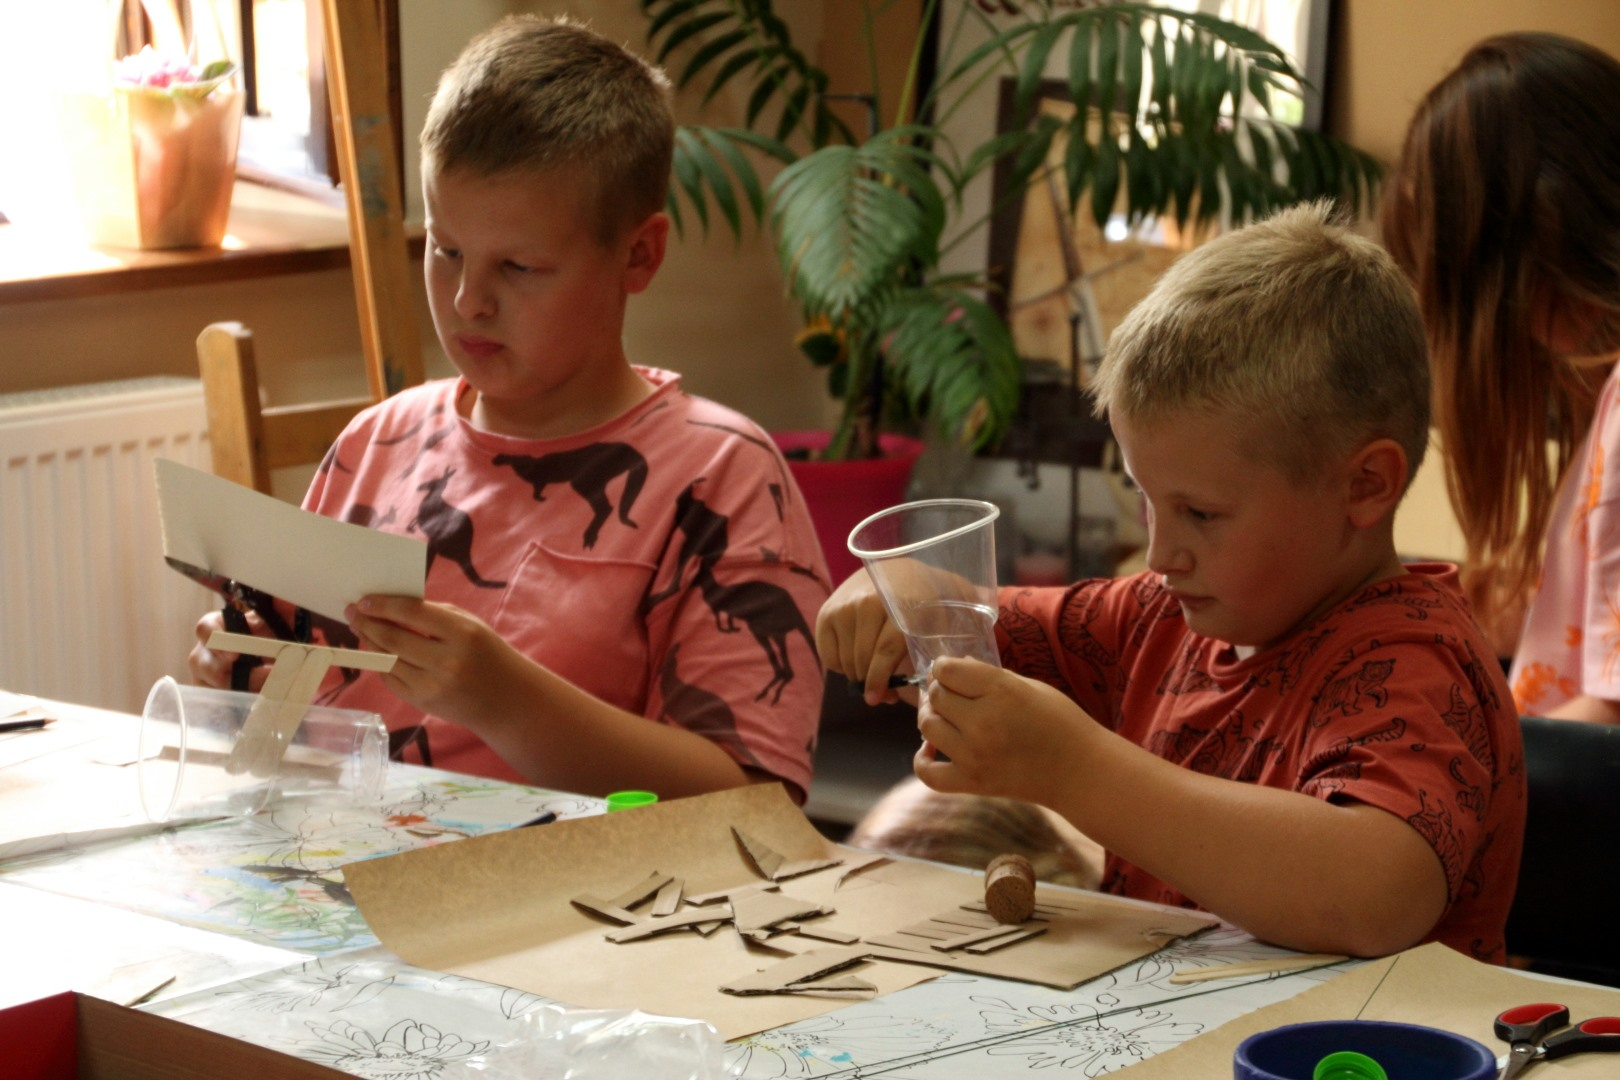 Na zdjęciu dwóch chłopców, którzy tworzą kosmiczny pojazd. Jeden z nich przecina szary kartonik, drugi trzyma nożyczki przy plastikowym kubeczku